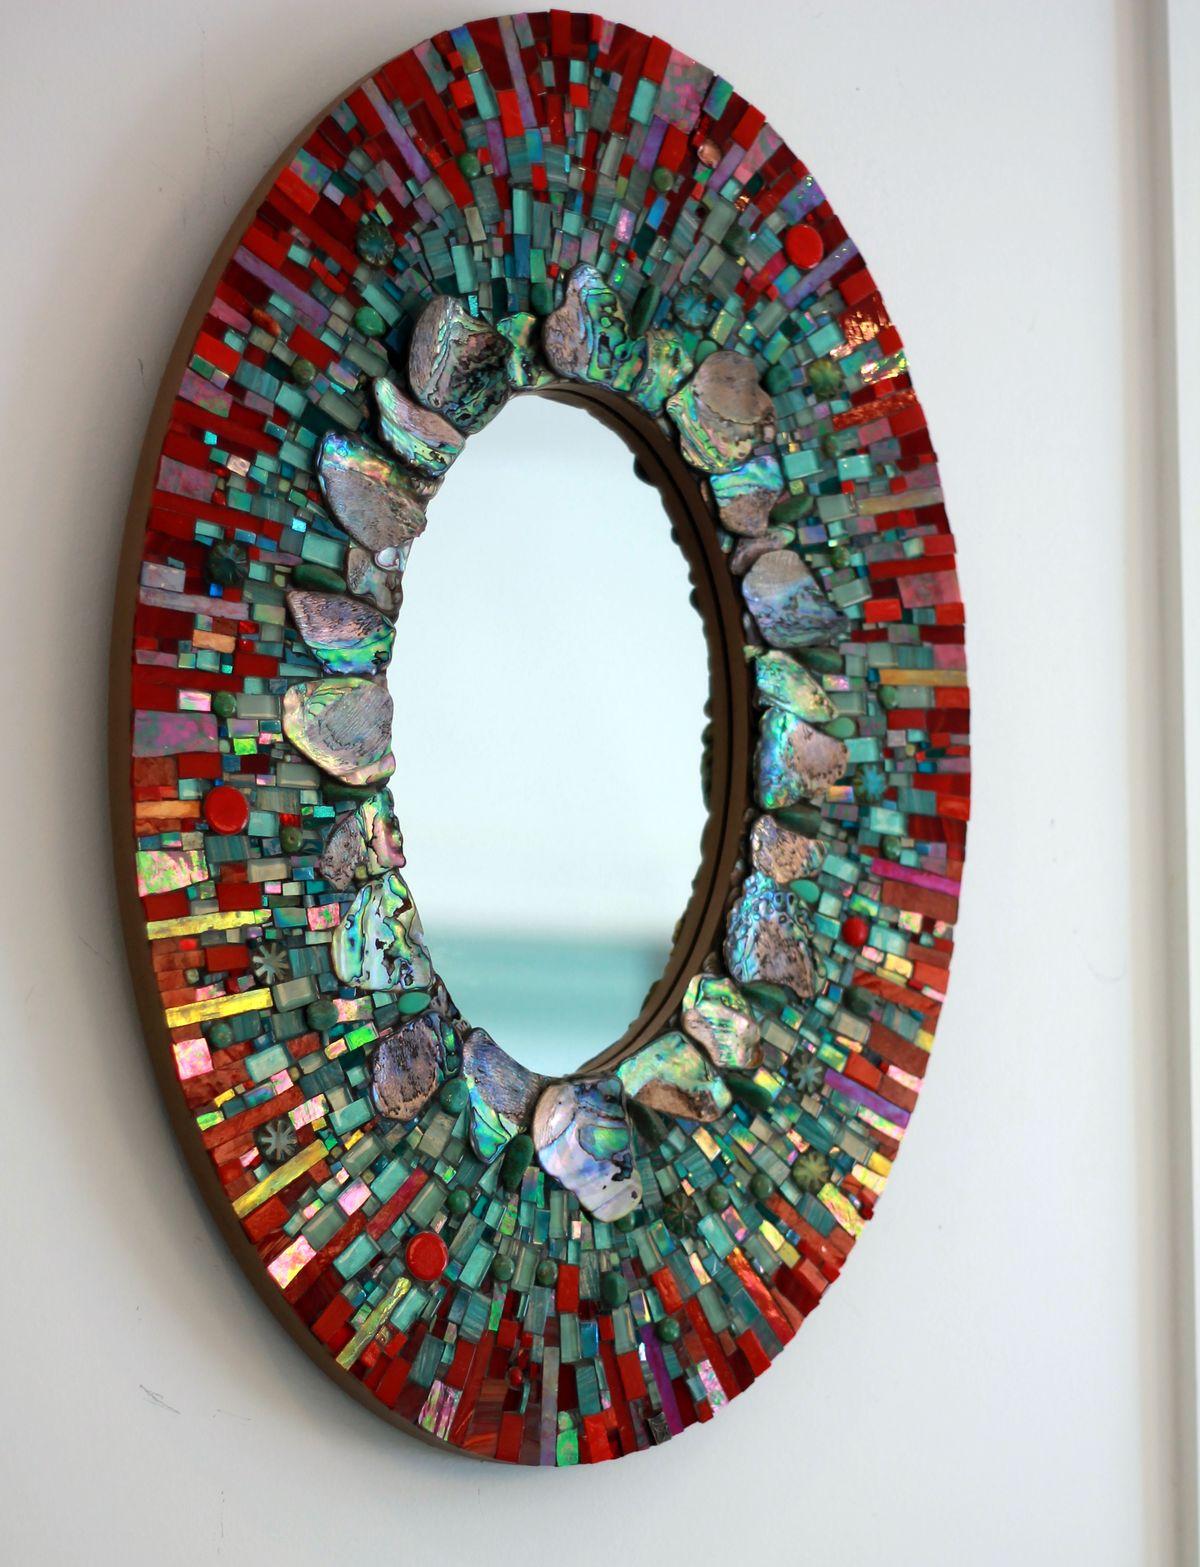 Botiquines Para Baño Parana:Mirror Mosaic Wall Art